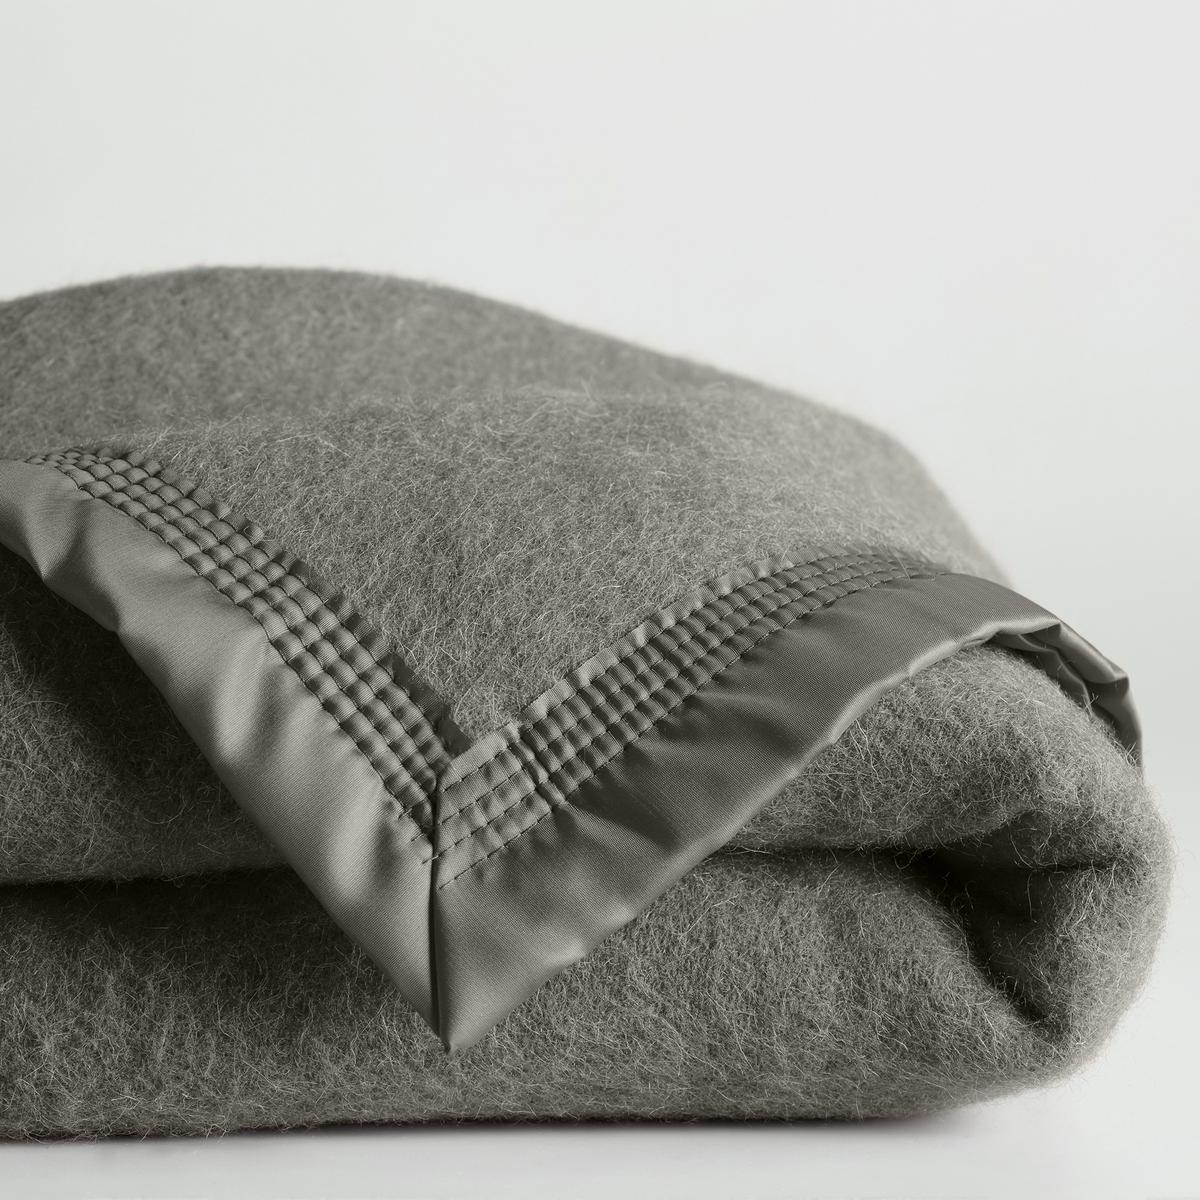 Покрывало 350 г/м? из 100% шерсти WoolmarkНатуральный и аутентичный материал.Характеристики покрывала :- 100% чистая шерсть Woolmark, валяная и промытая, широкая атласная кайма (100% полиамид), прошитая 4 укрепленными на каждом углу строчками для большей прочности.Модель для детской кровати (75x100 см) без атласной каймы с подрубленными краями.- Идеально подходит для слабо отапливаемых комнат (15-18 °С).- Рекомендована сухая чистка..<br><br>Цвет: розовый смородина,серо-коричневый каштан,серый,синий,слоновая кость<br>Размер: 75 x 100  см.75 x 100  см.240 x 220  см